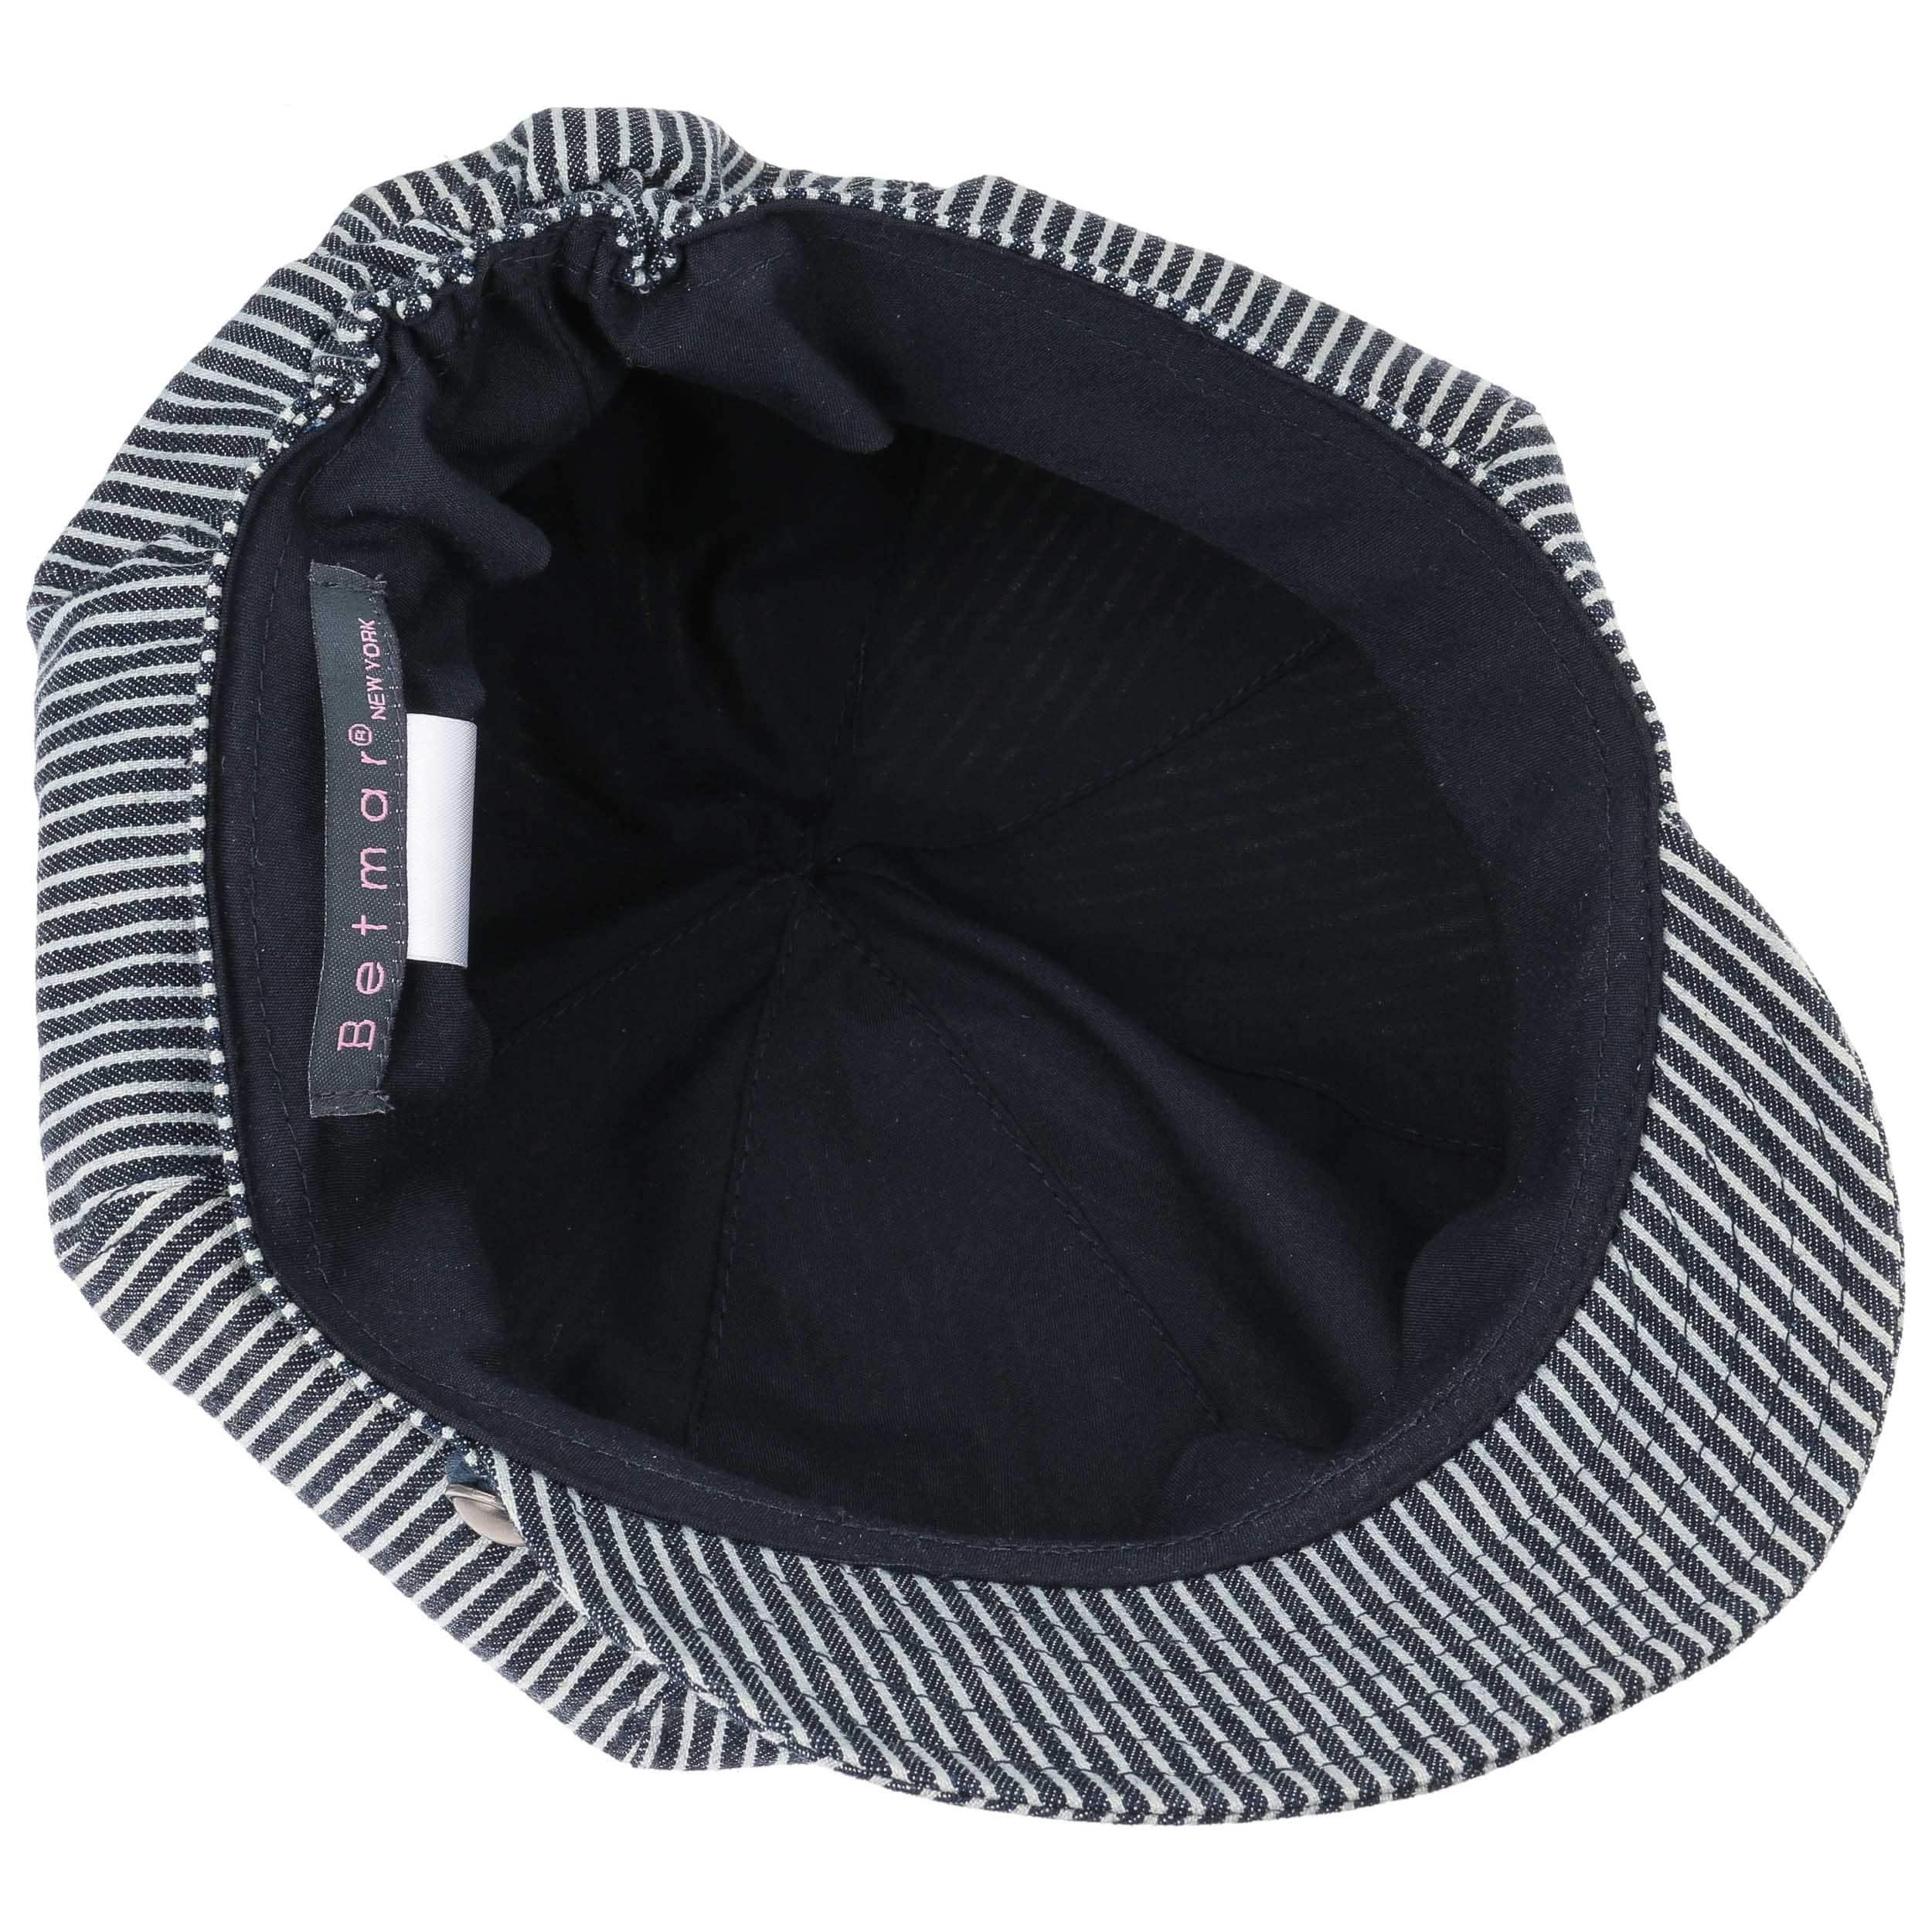 Gorra Baker Boy Denim Stripes by Betmar - Gorras - sombreroshop.es 30d885aa296